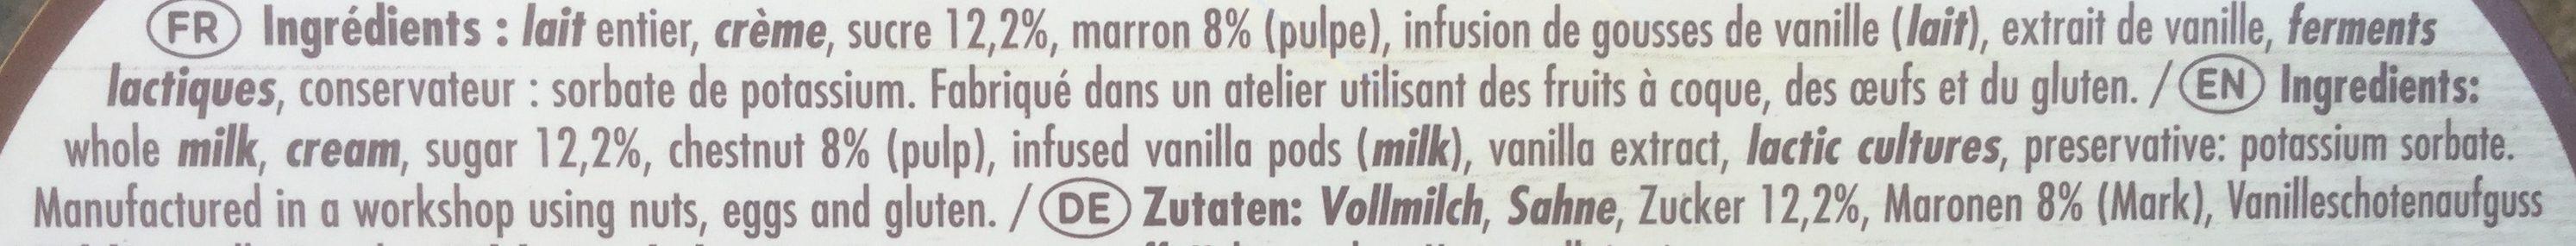 Le yaourt aux fruits, marron - Ingredients